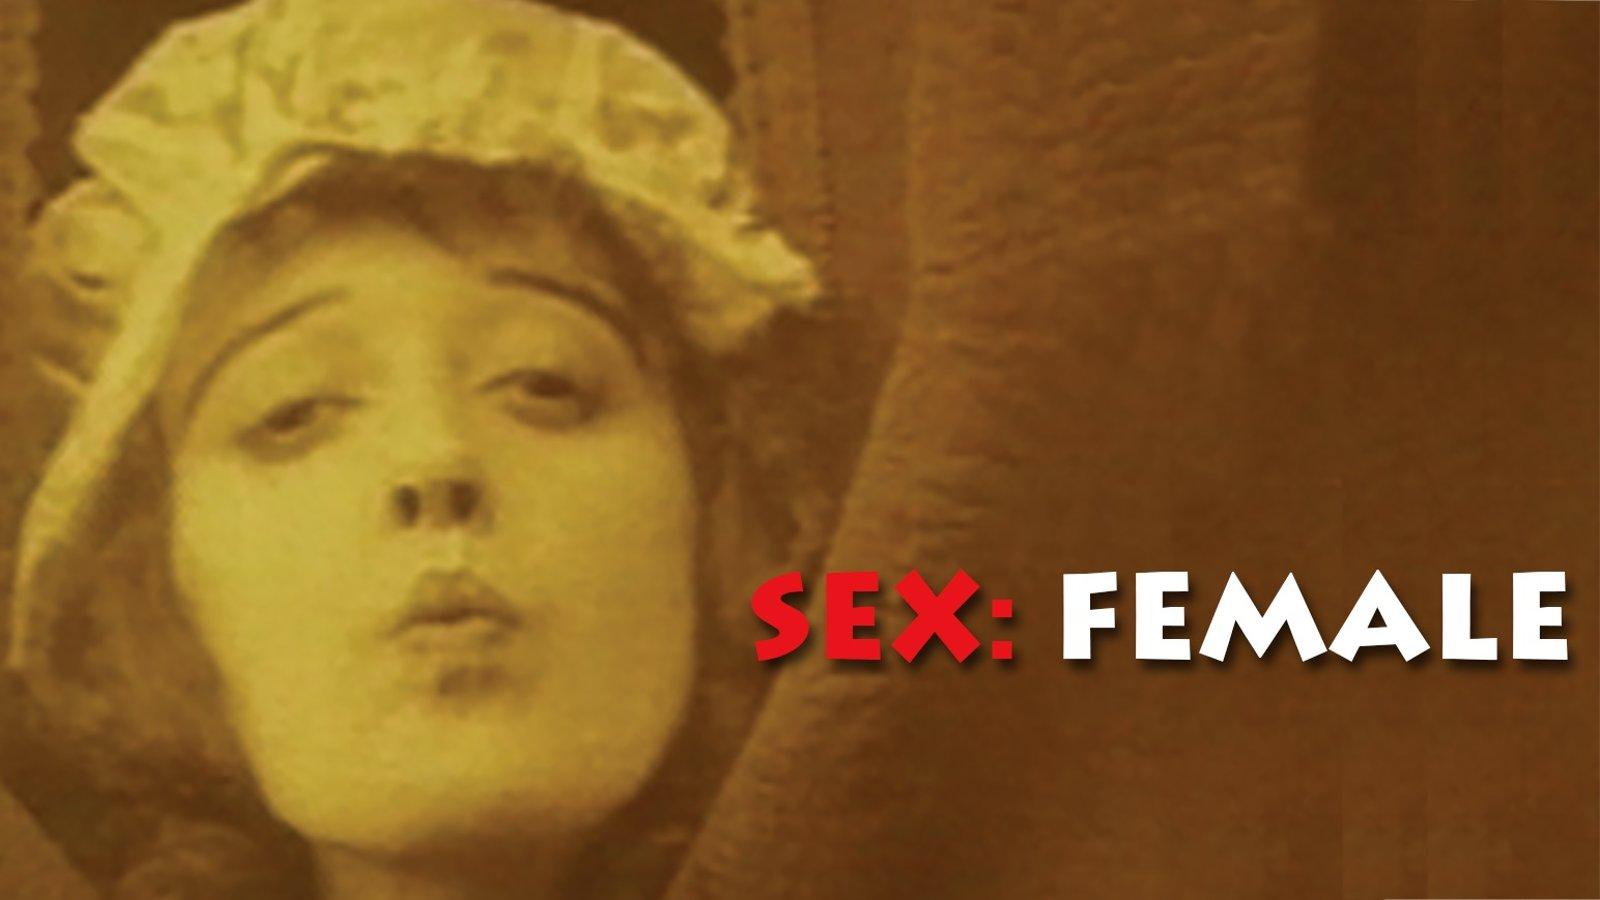 Sex: Female